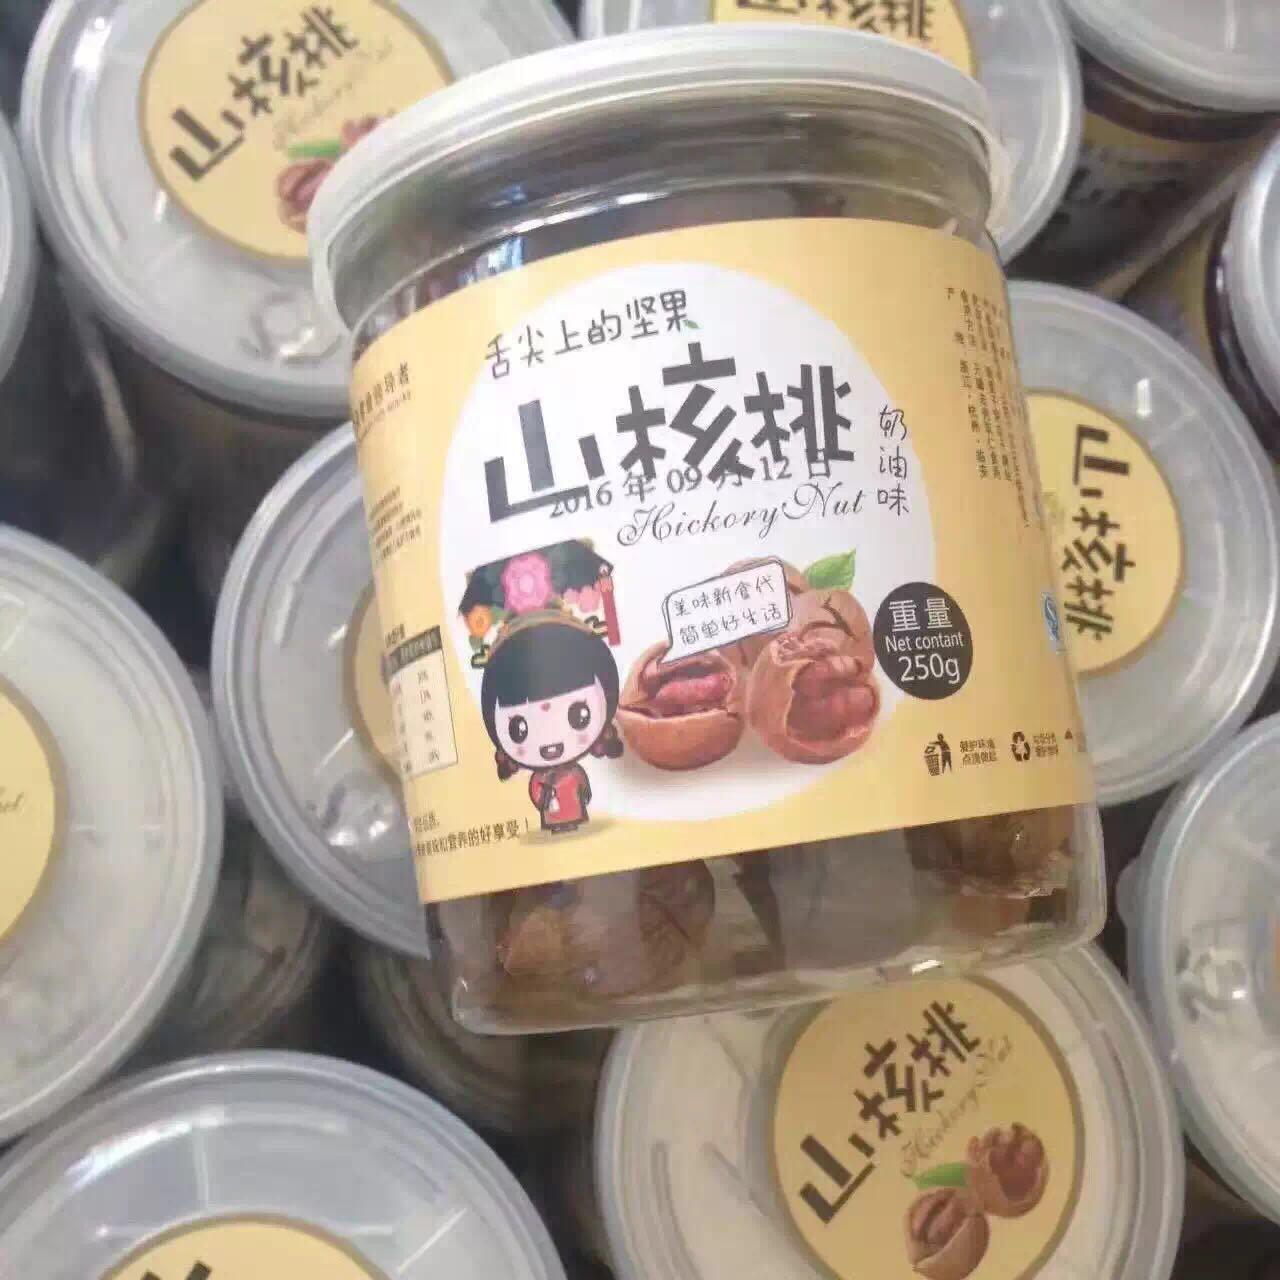 2019年临安手剥山核桃礼盒500g装坚果炒货礼包奶油味椒盐水煮原味